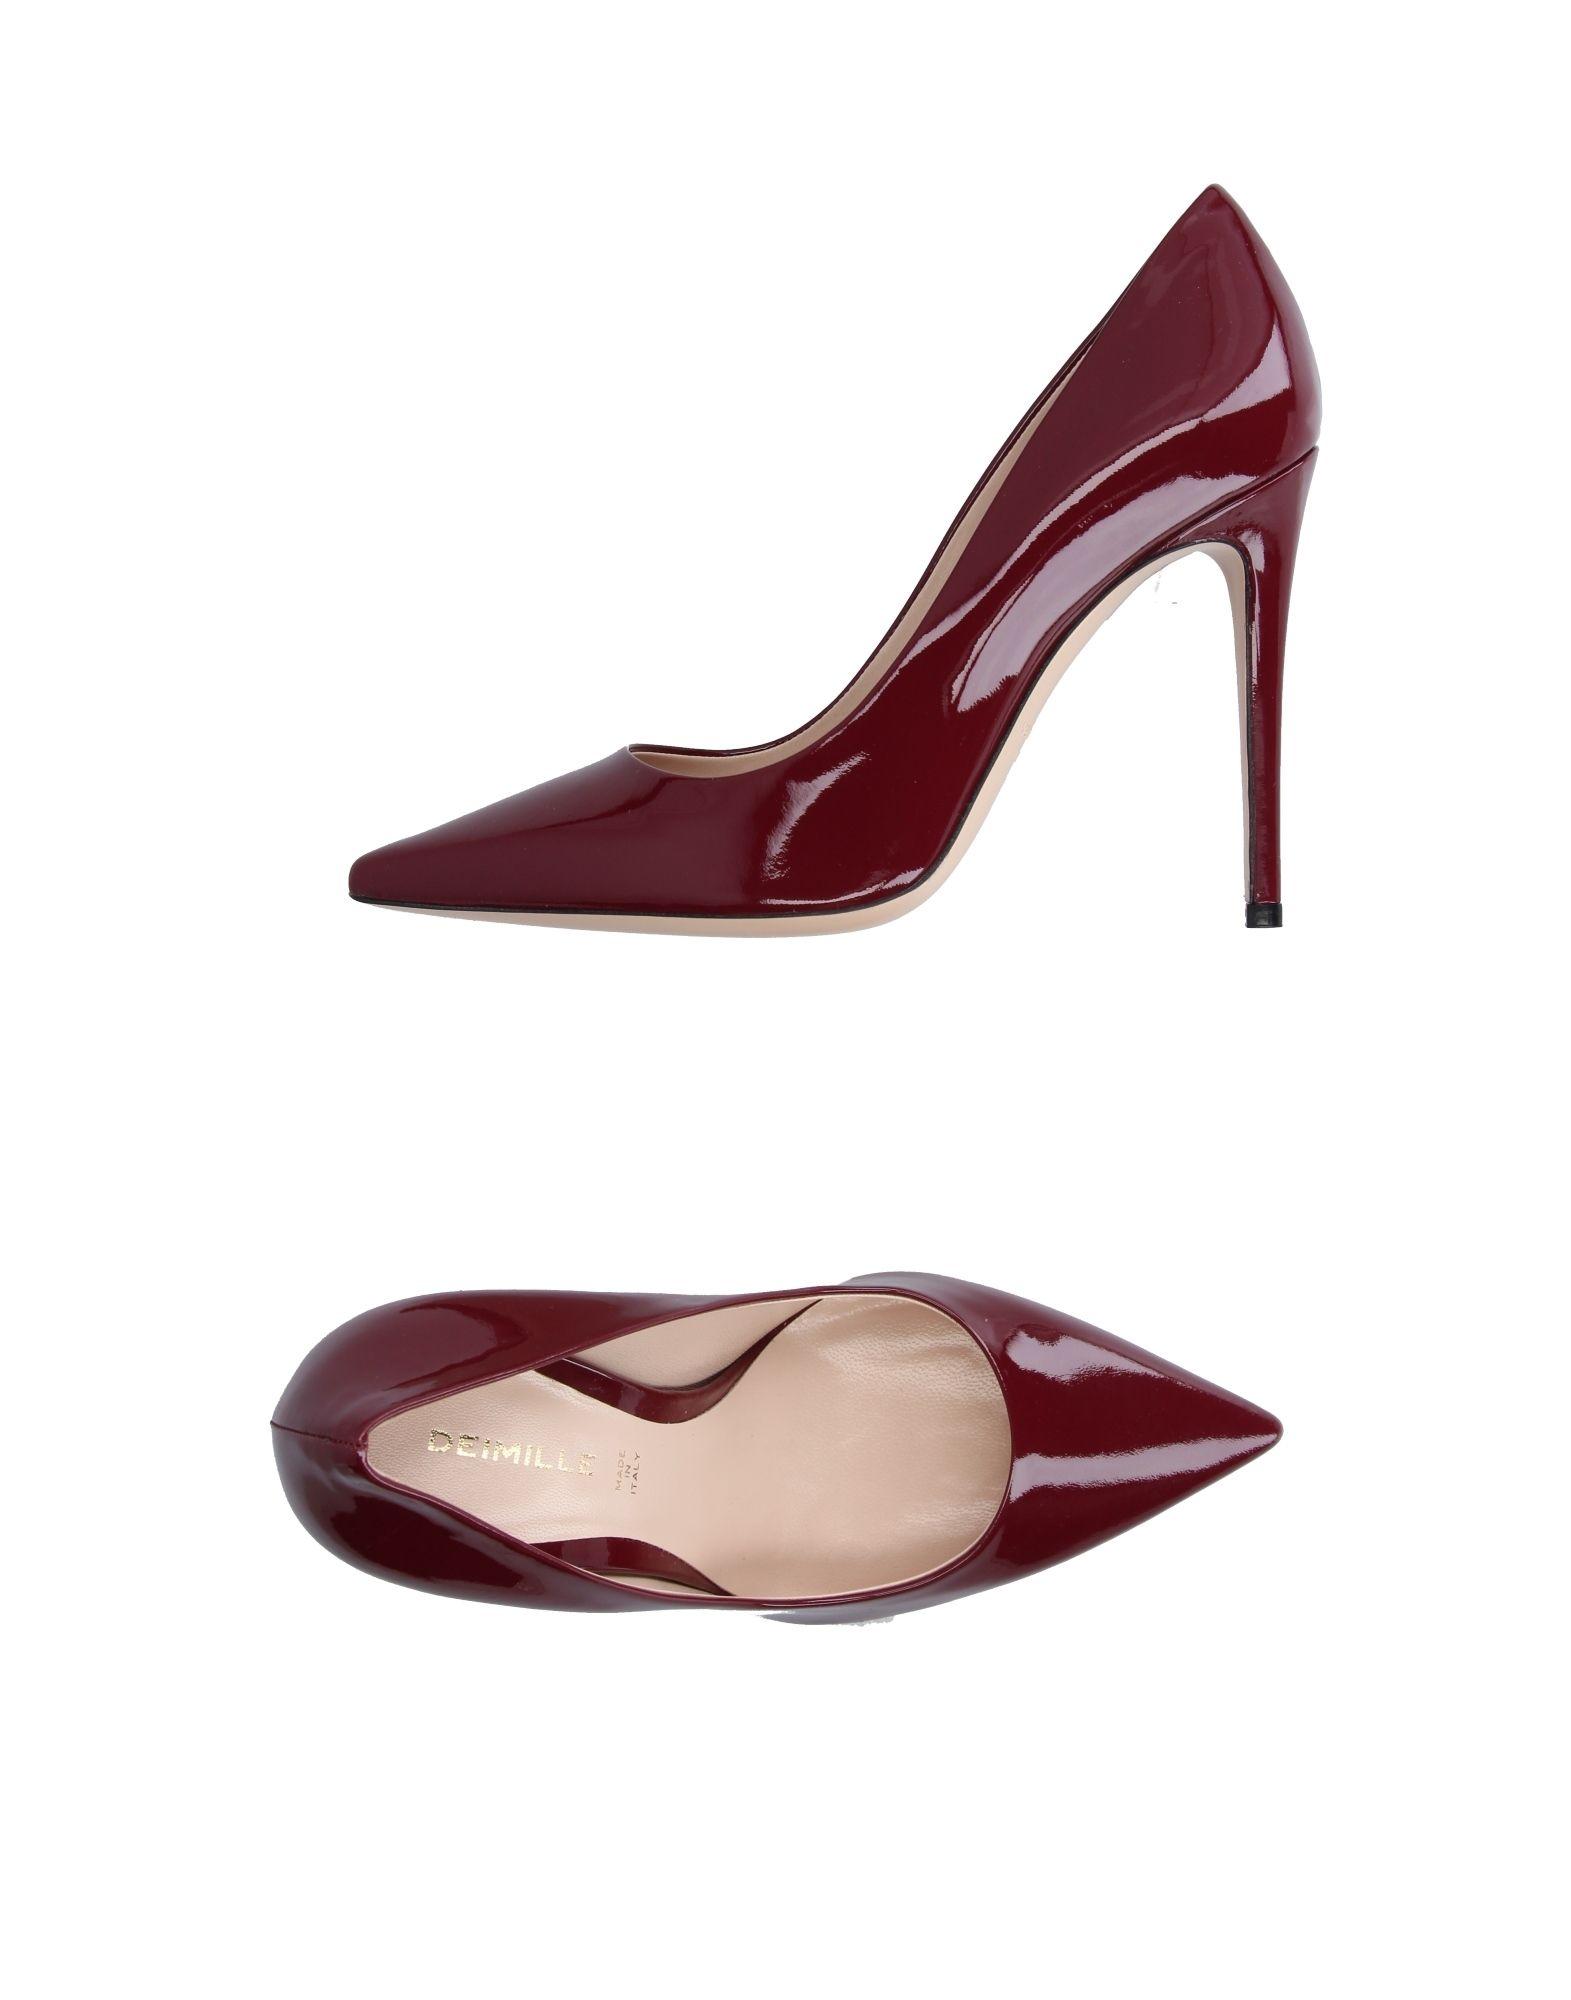 Mocassino Nuove Cuplé Donna - 11541275WK Nuove Mocassino offerte e scarpe comode 7accd6